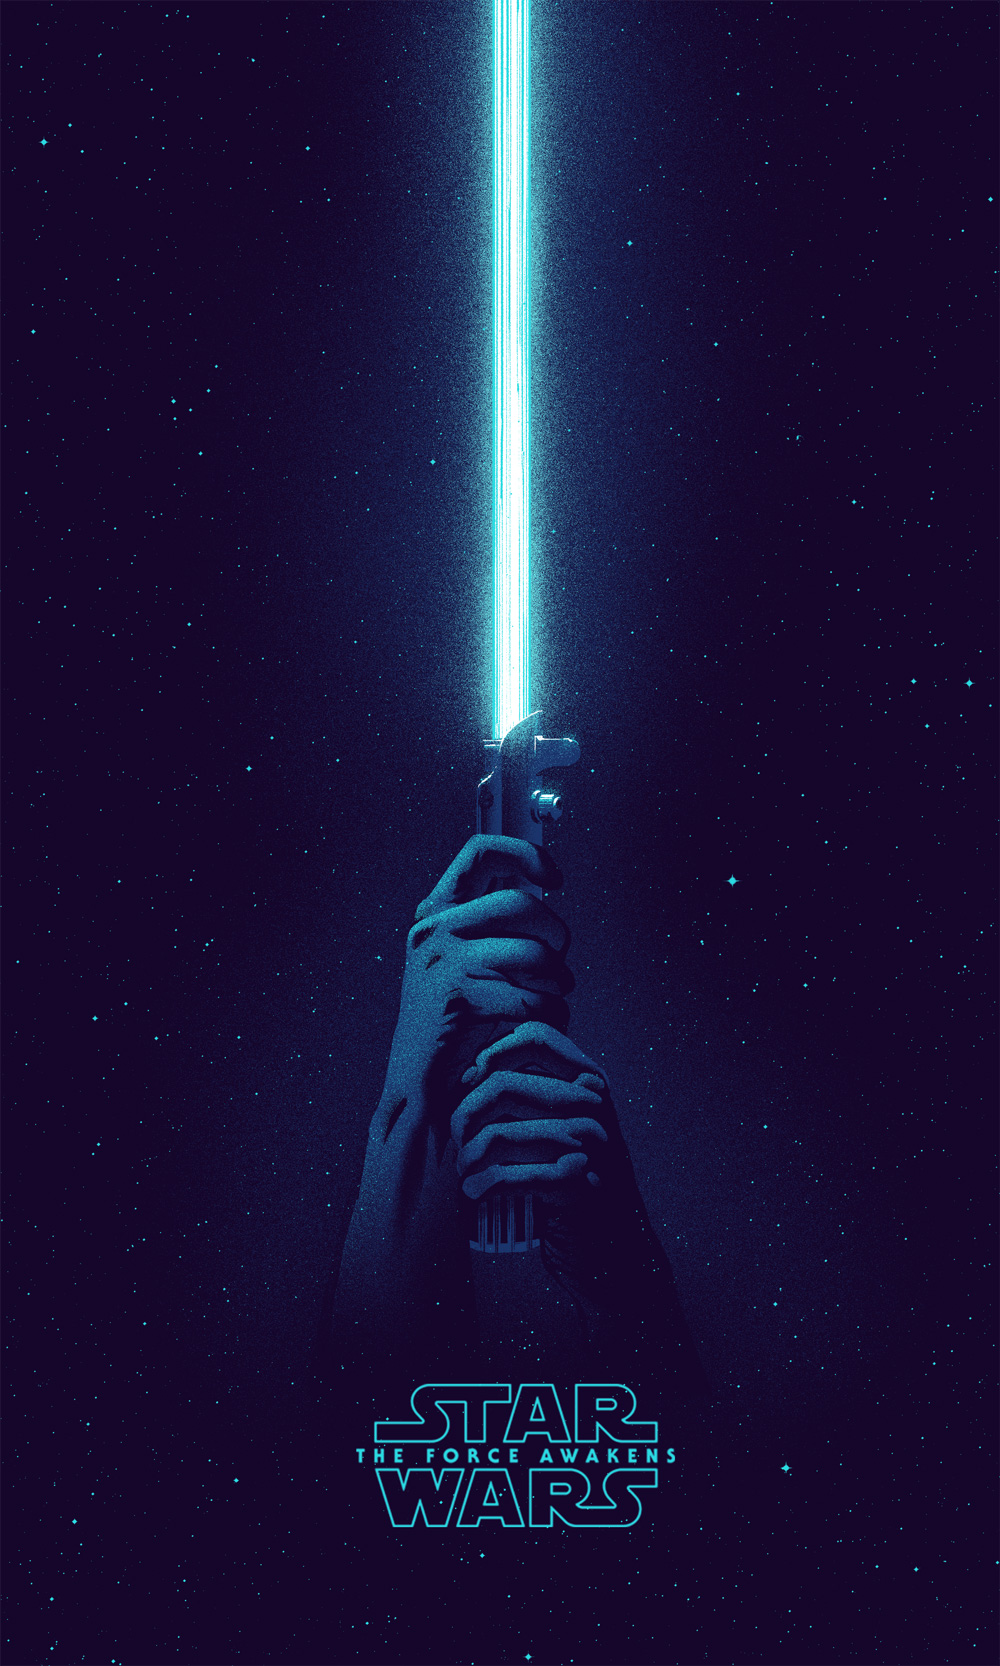 Star Wars The Last Jedi Wallpaper Iphone 1000x1666 Wallpaper Teahub Io